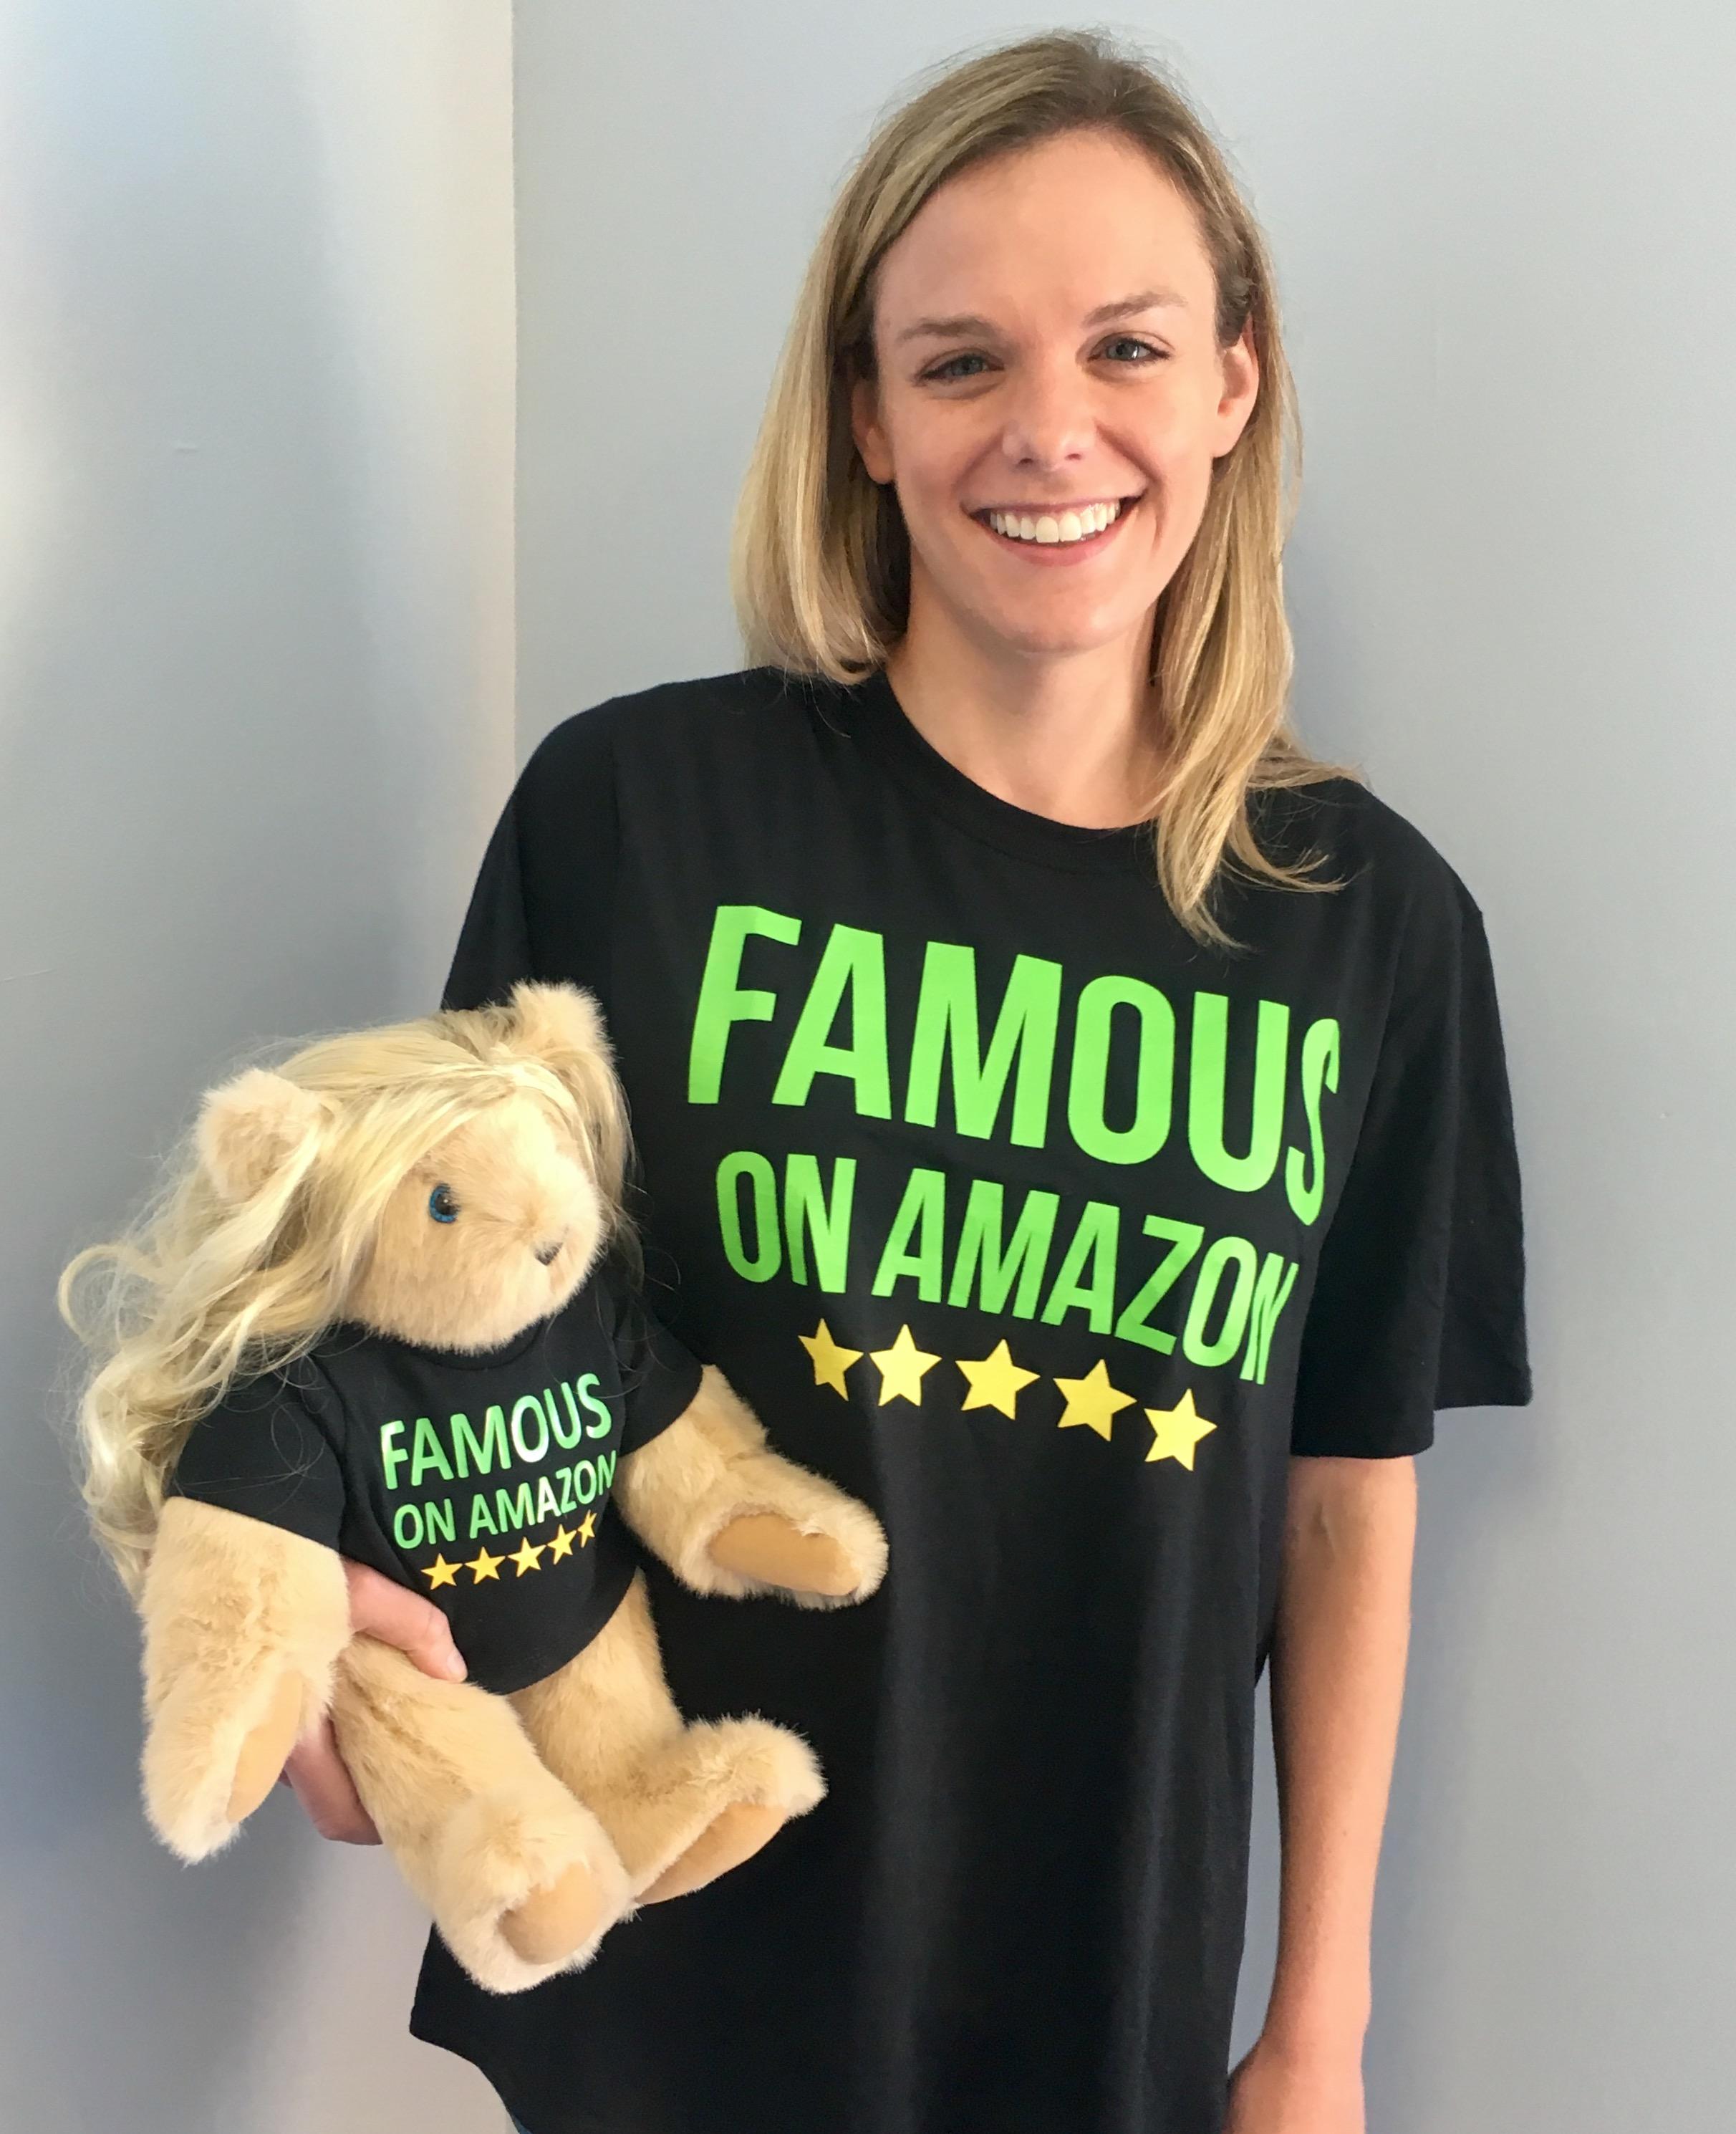 vermont teddy bear selling on amazon